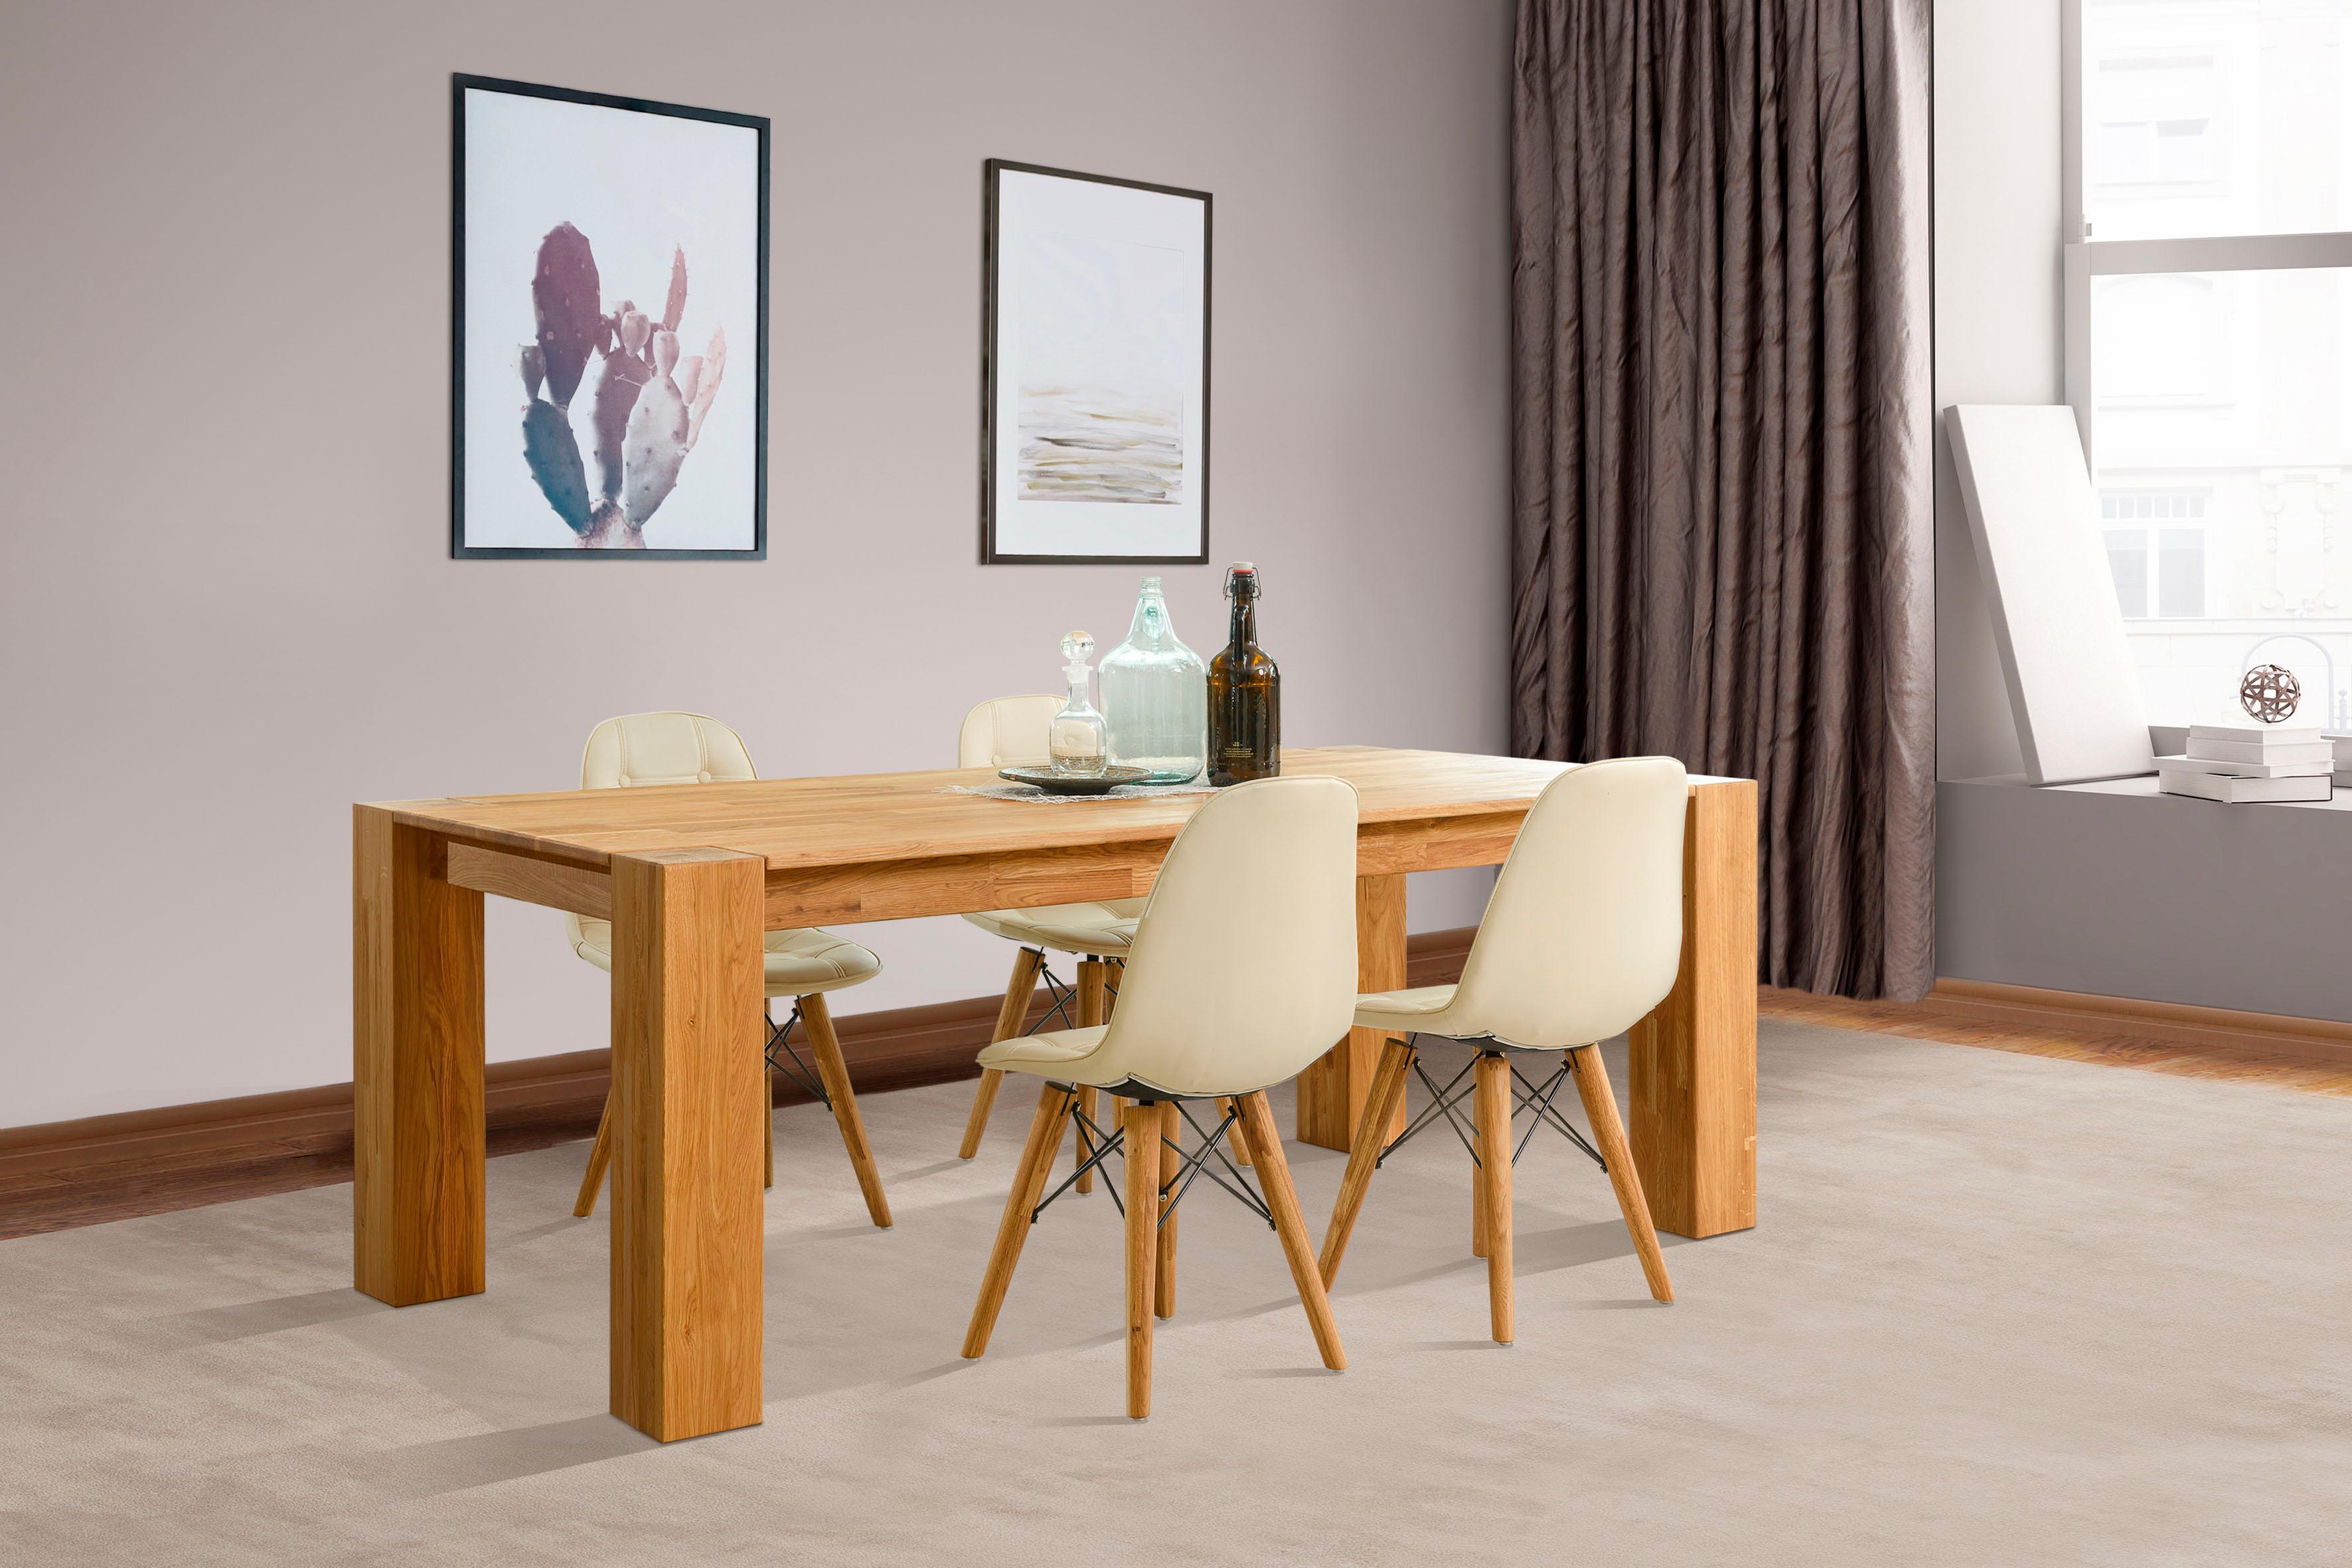 Home affaire Essgruppenset Juna bestehend aus 4 Stühlen und einem Esstisch Esstischgröße 200 cm (5-tlg)